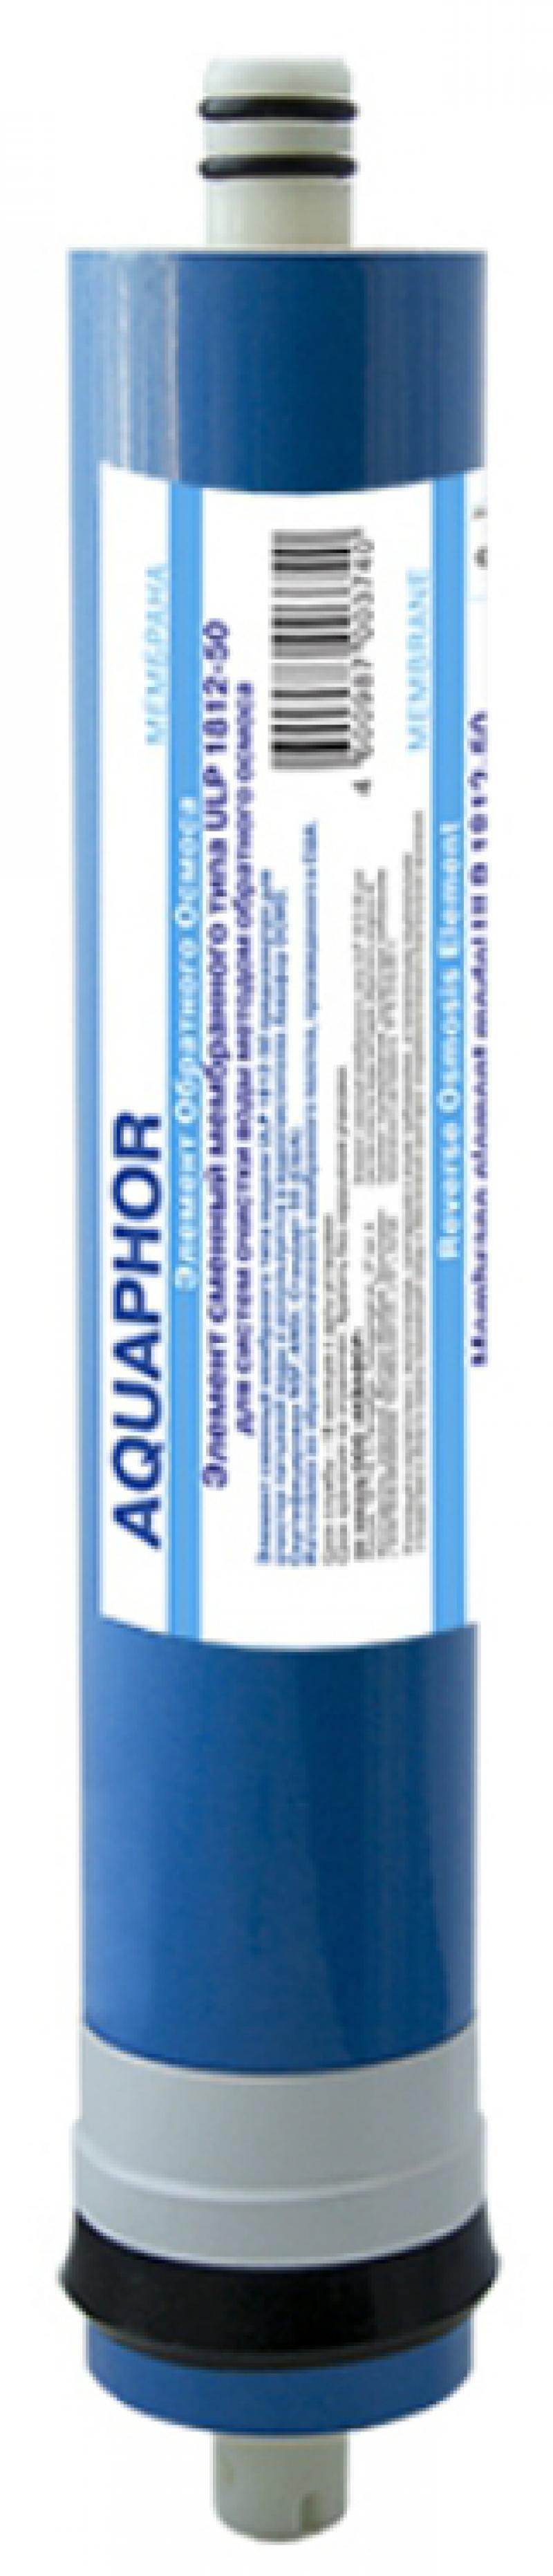 Сменный модуль для фильтра Аквафор ULP2012-100